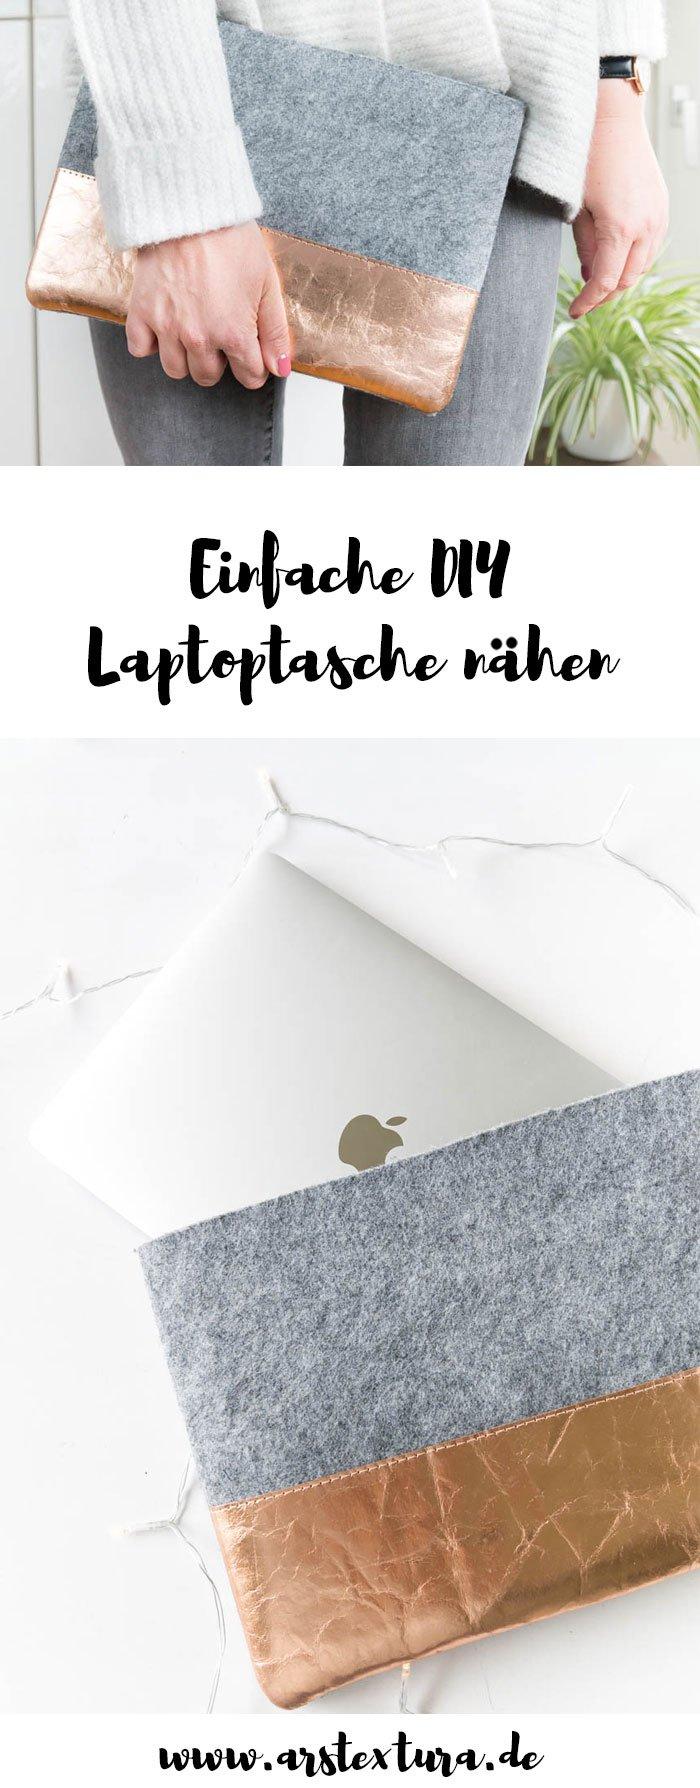 DIY Geschenk | Laptoptasche aus Filz nähen - ein tolles DIY Projekt für Anfänger